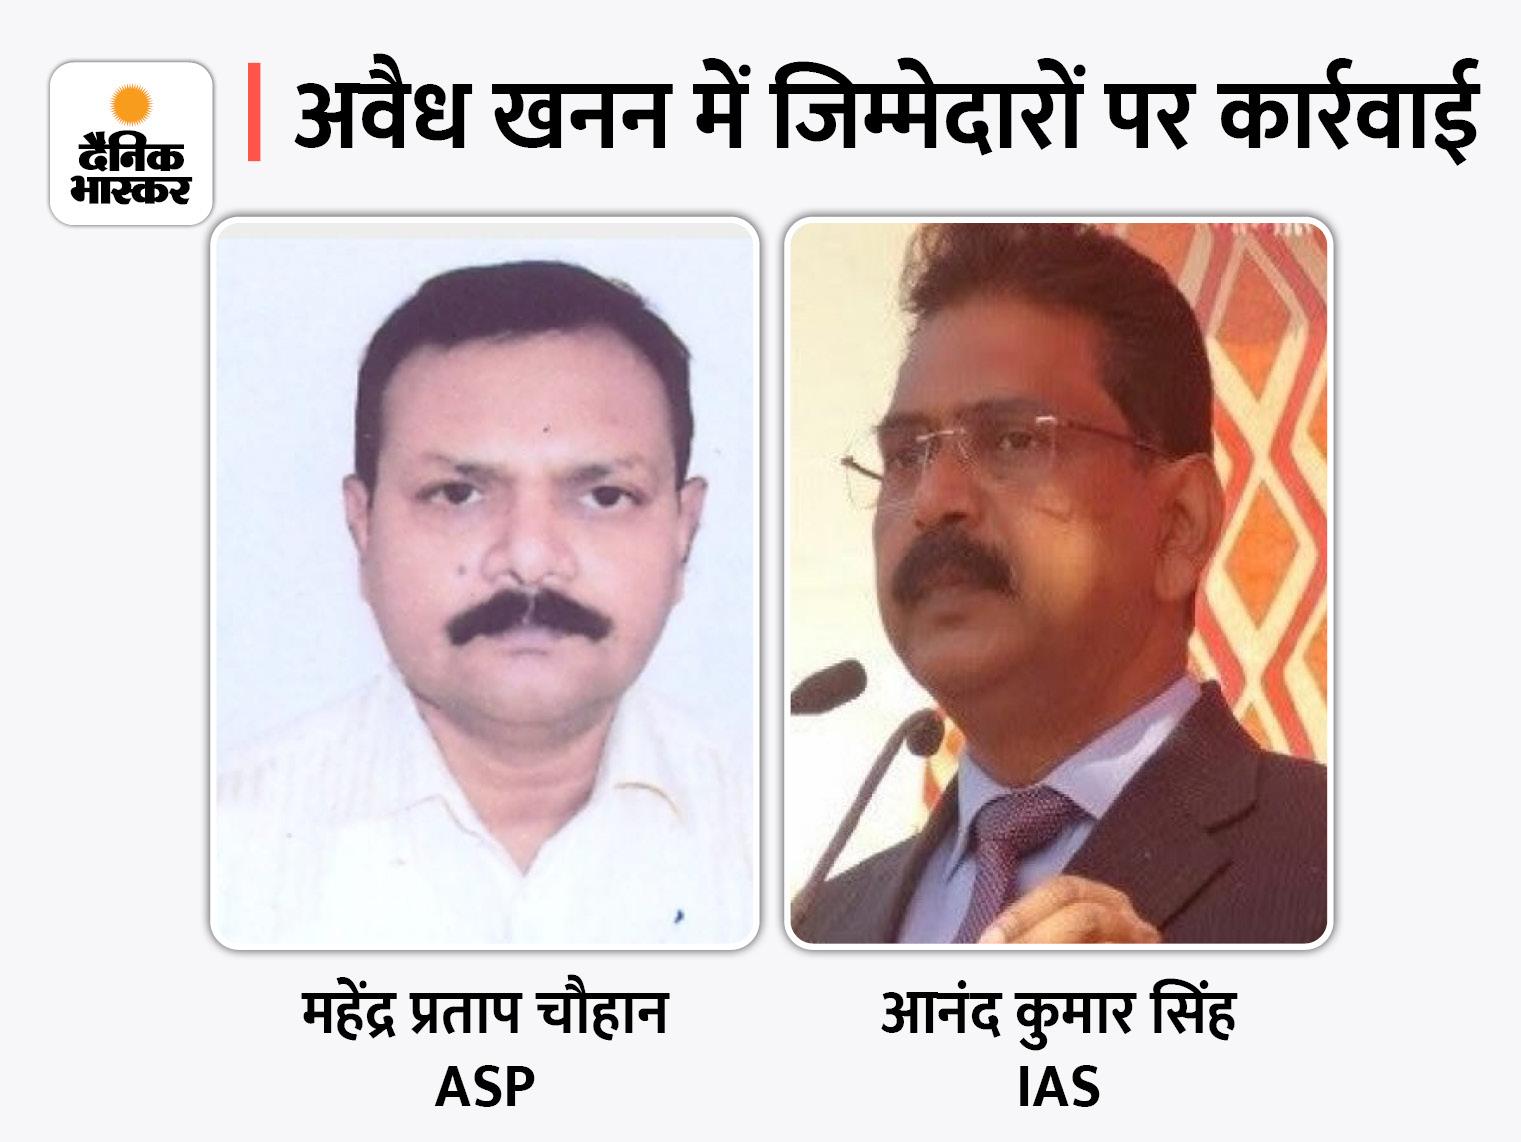 IAS आनंद कुमार सिंह को APC ब्रांच भेजा गया, मिर्जापुर में नमक-रोटी पर विवादित बयान देने वाले अनुराग पटेल नए डीएम बने|लखनऊ,Lucknow - Dainik Bhaskar